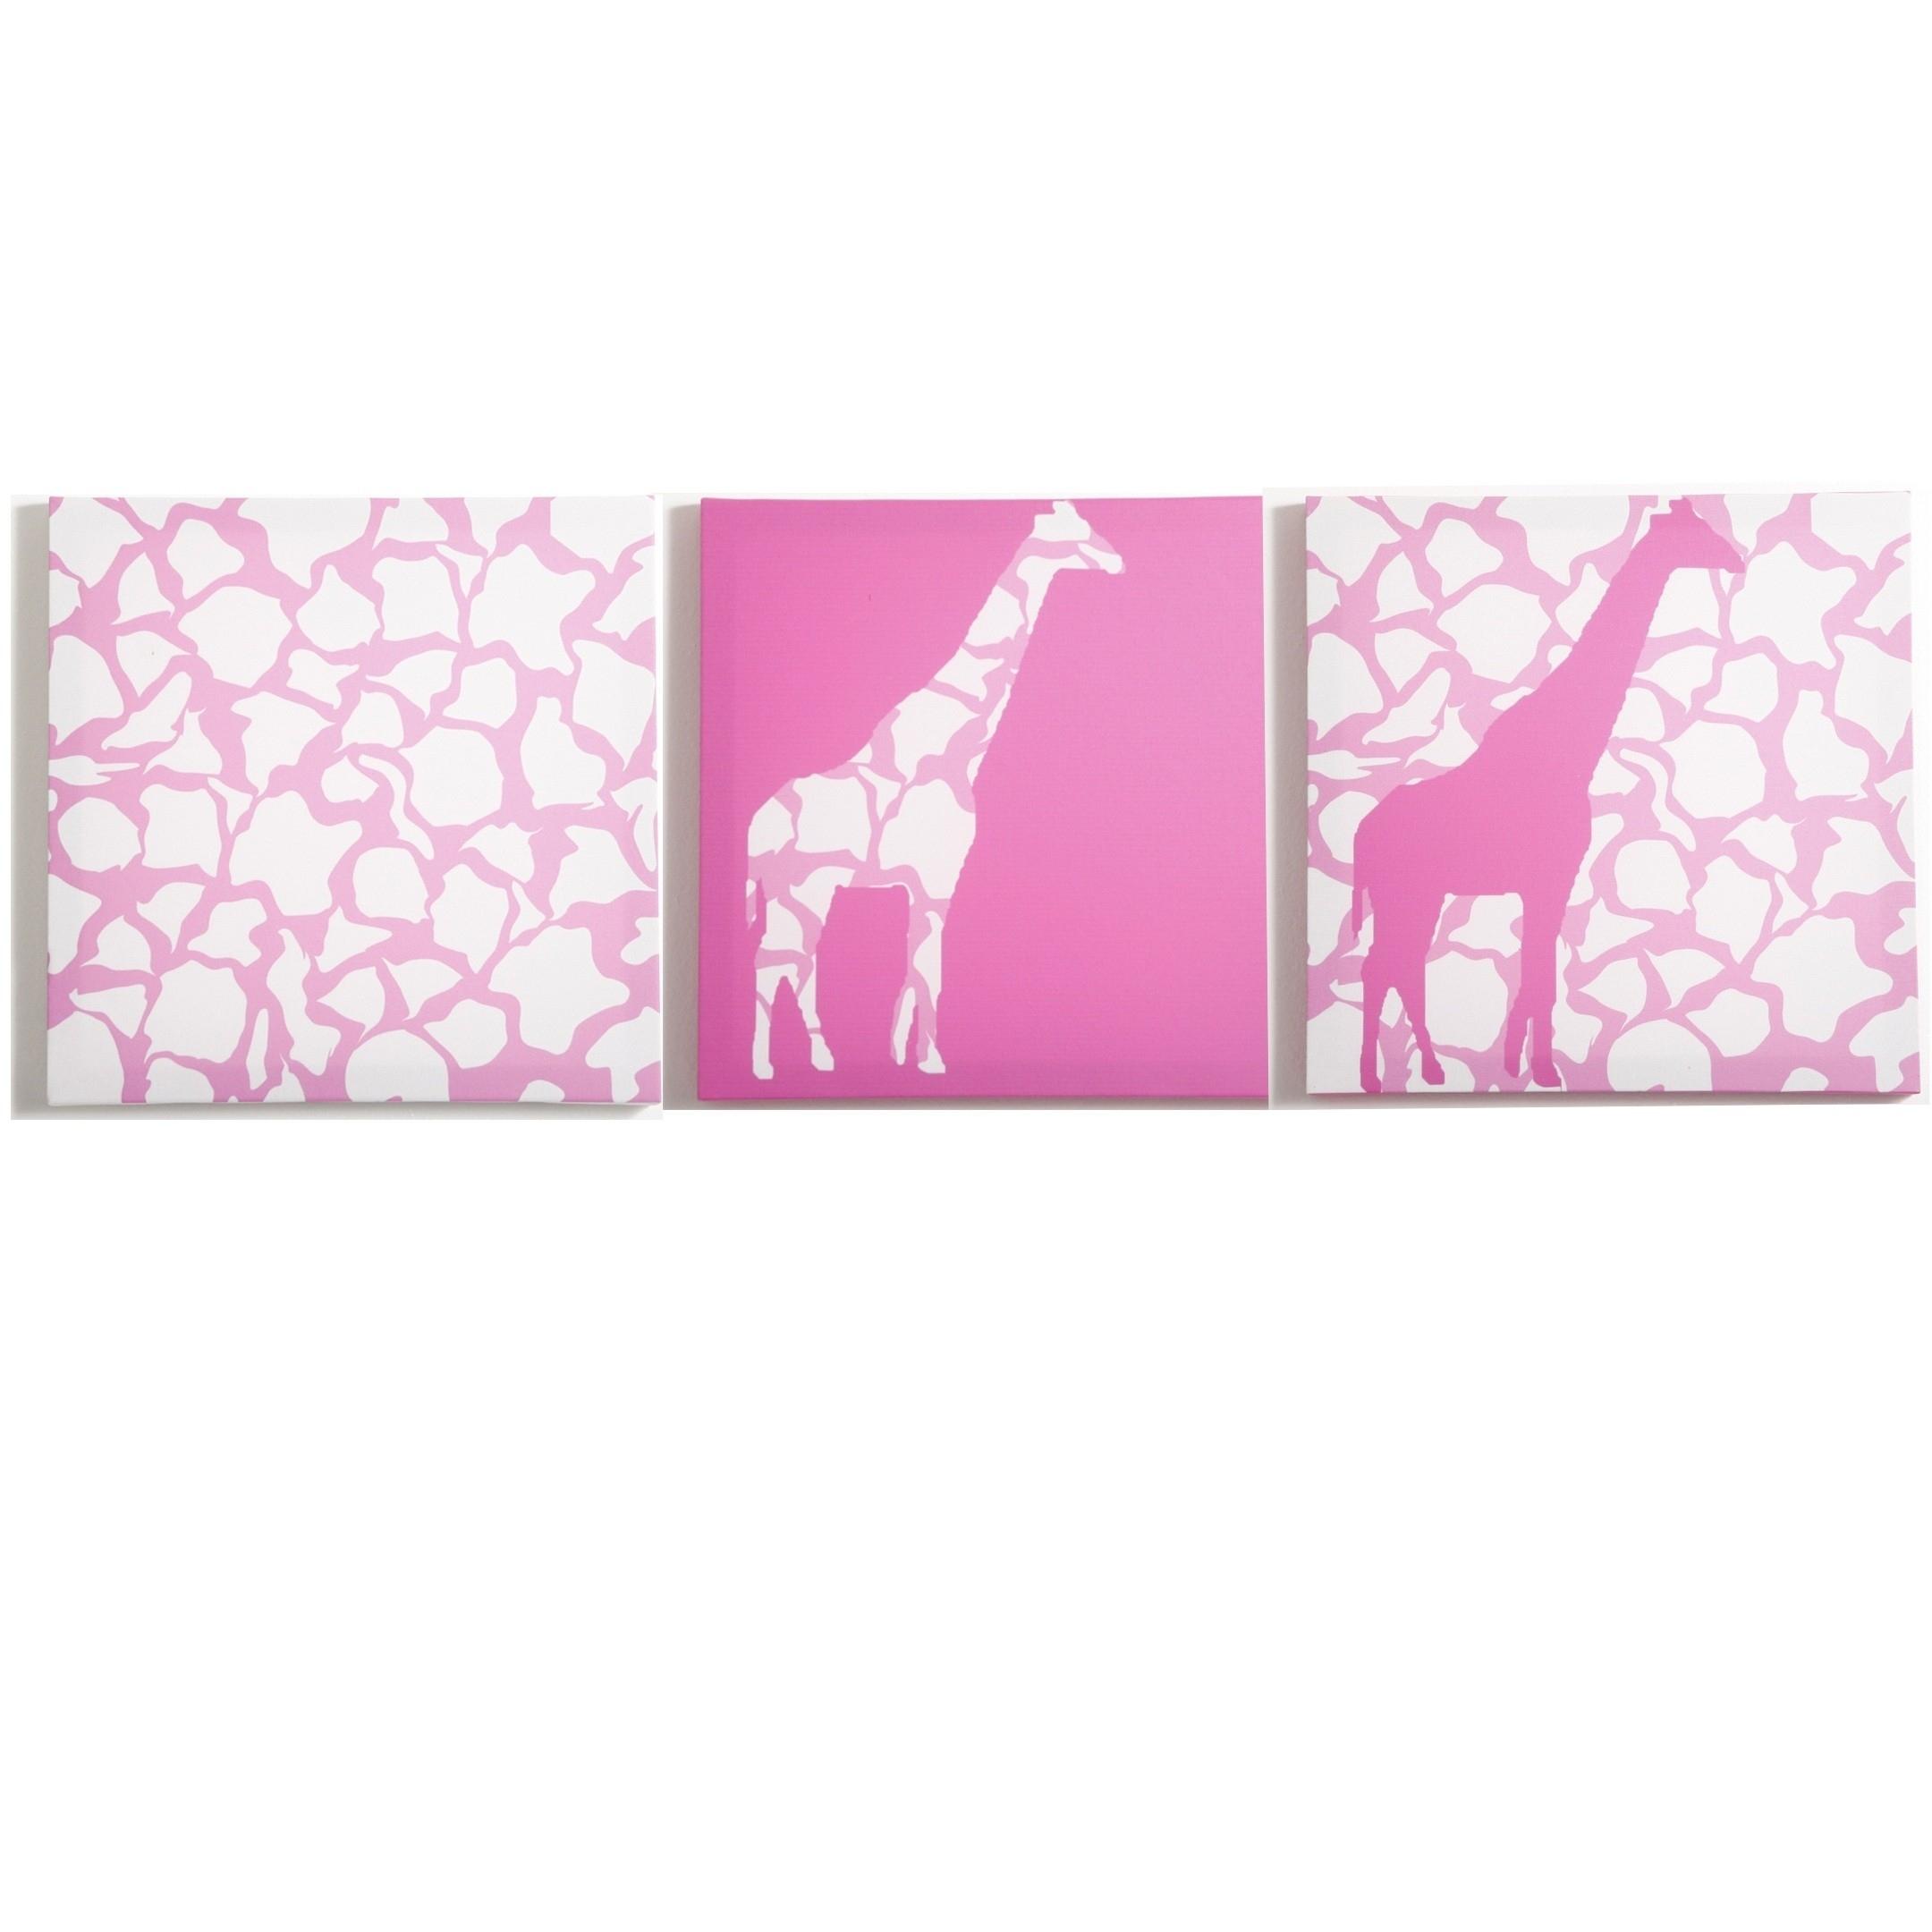 Modern Littles - Rose Giraffe - Canvas Wall Art - 3 Pc. Set intended for Giraffe Canvas Wall Art (Image 12 of 20)